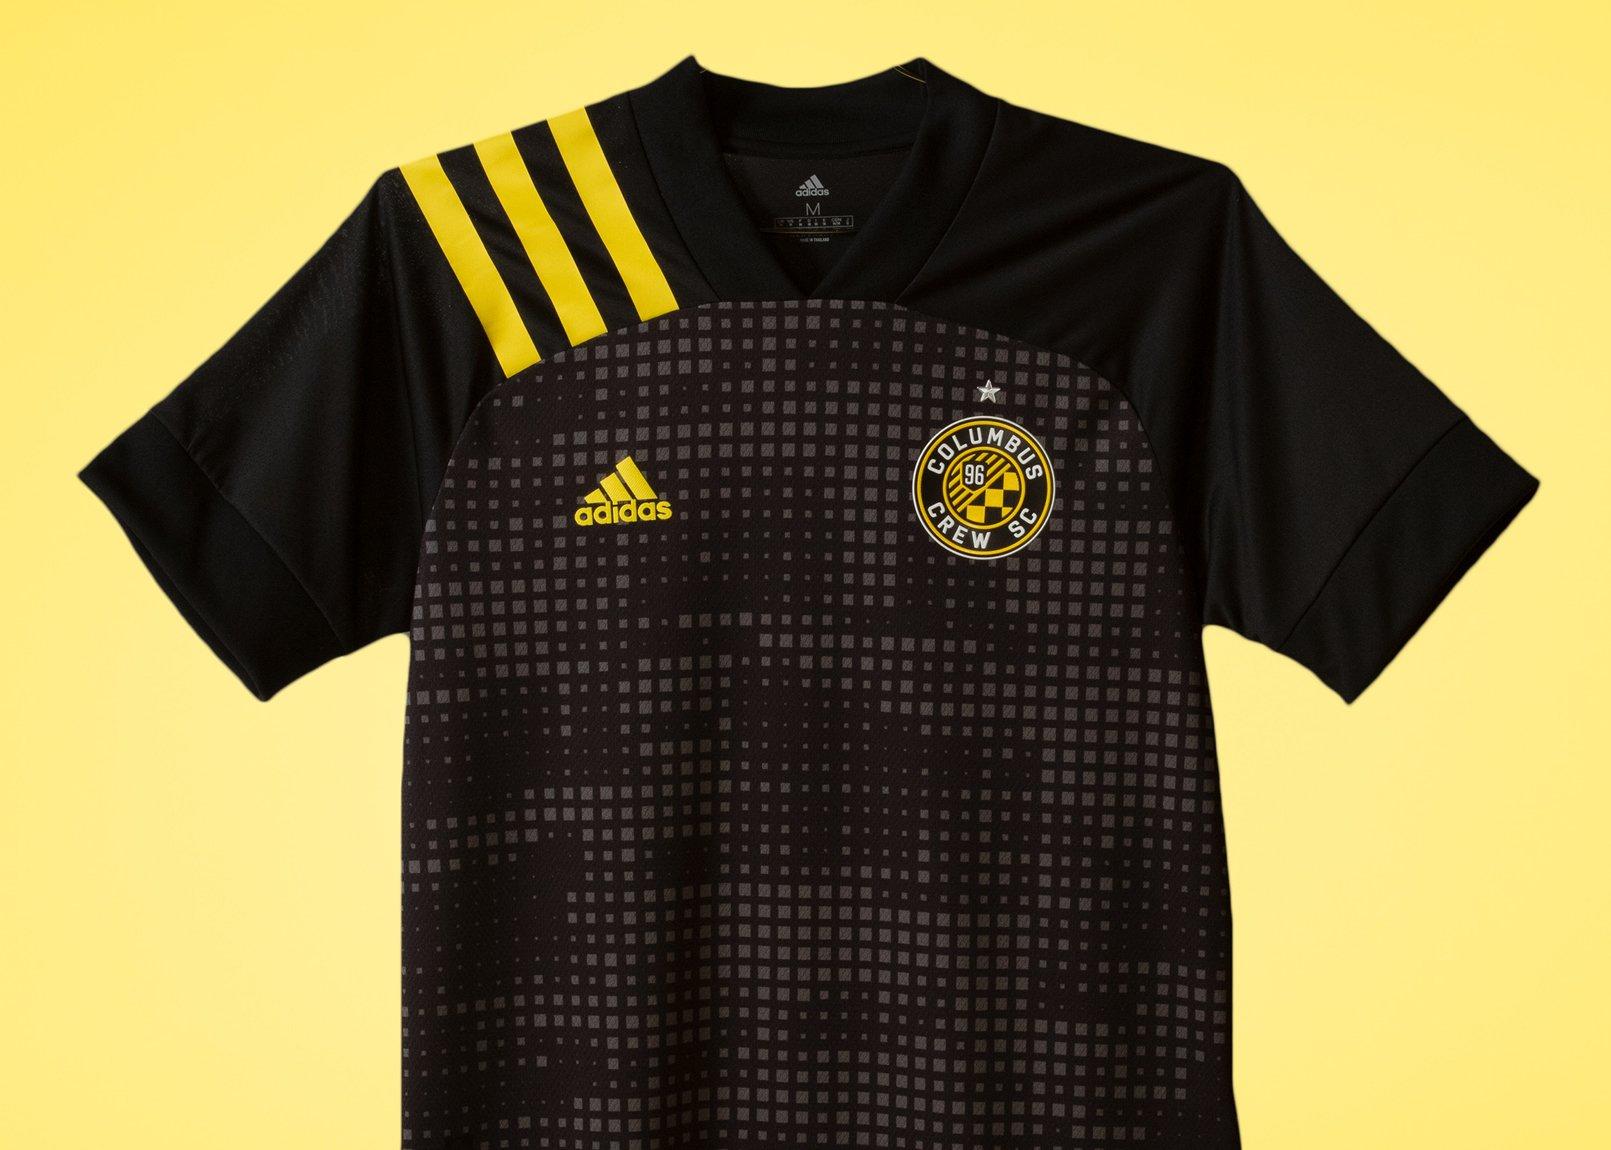 Camiseta suplente Adidas del Columbus Crew 2020/21   Imagen Web Oficial